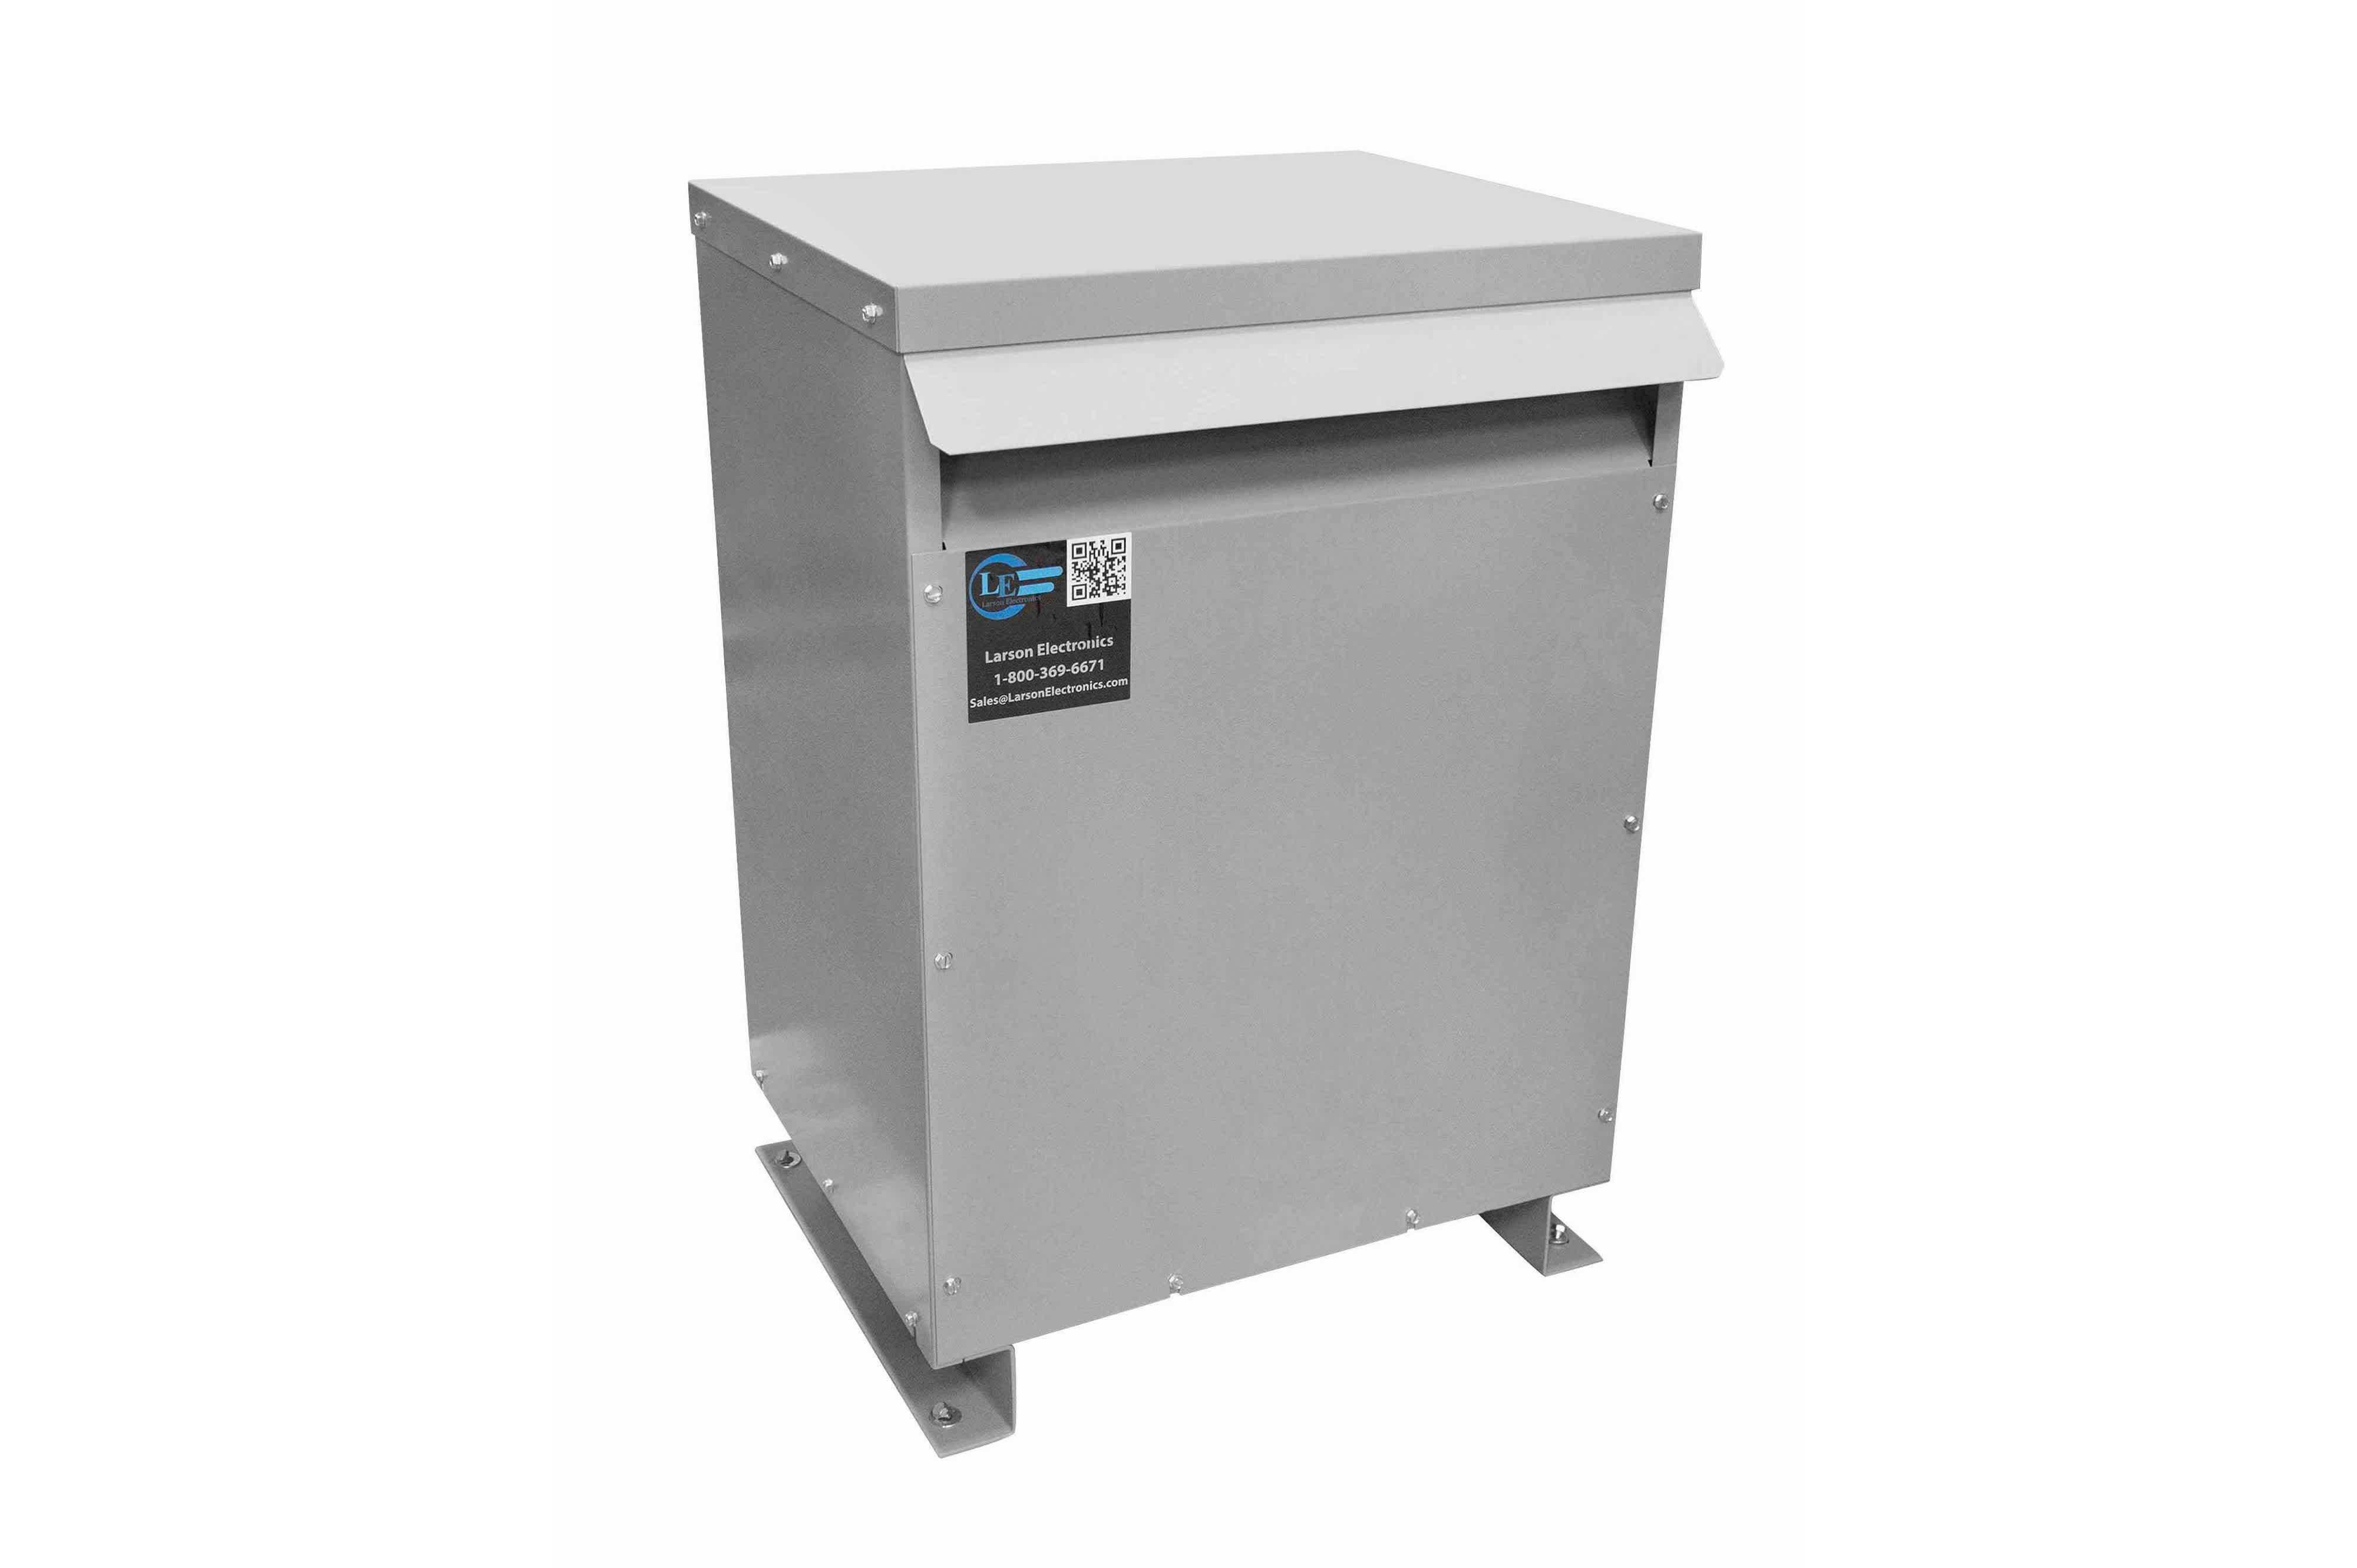 12 kVA 3PH Isolation Transformer, 415V Delta Primary, 600V Delta Secondary, N3R, Ventilated, 60 Hz